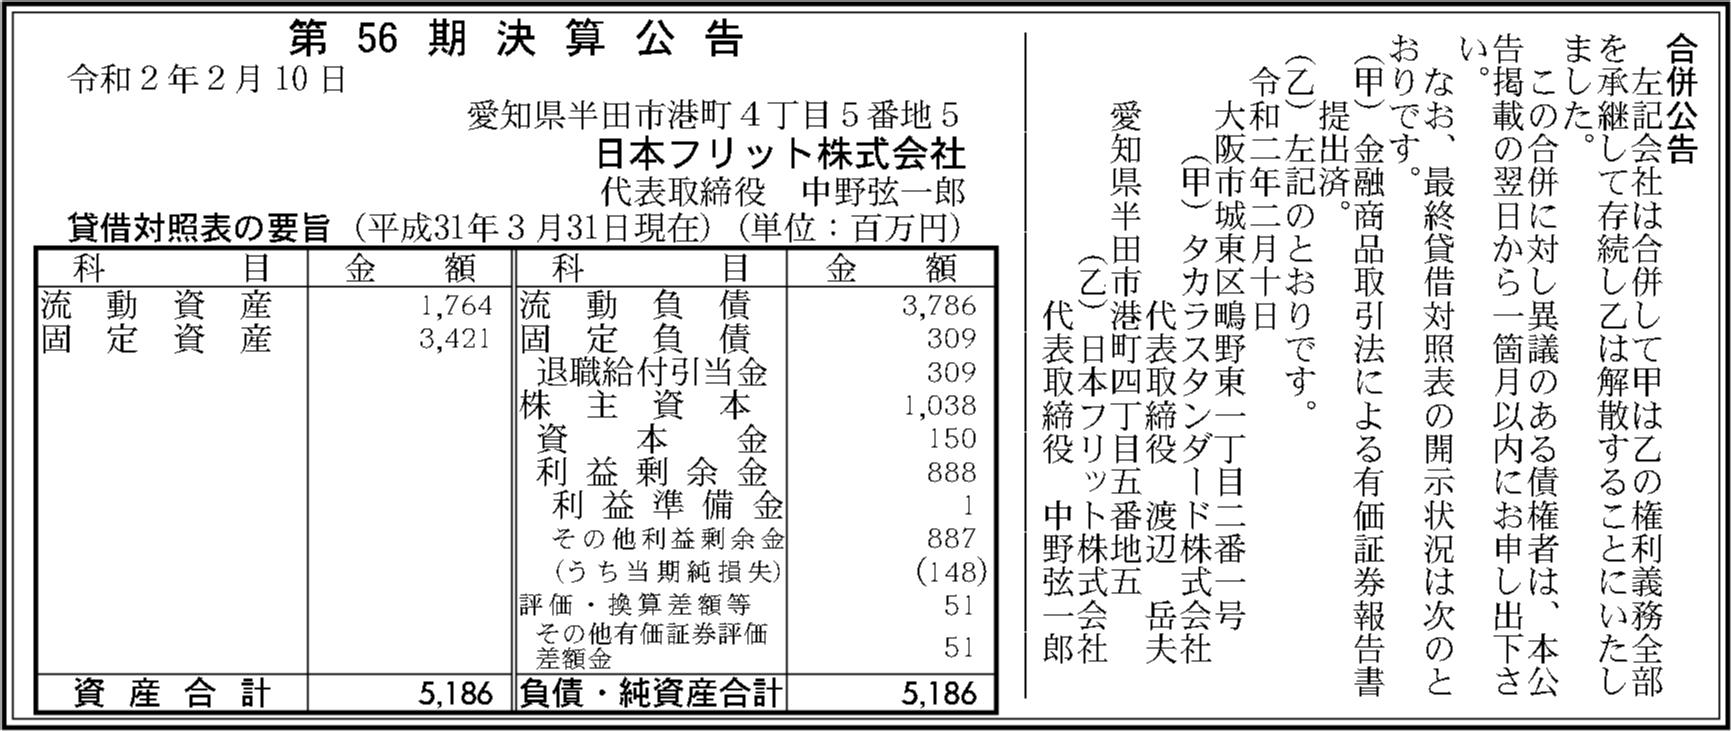 0060 1db088d58bdba4077bfe87fe10227472475085645bd68f6e4c05e6de696d4464b373199e8a826d53a0ccdb9af43db98e70d738f3b2313b2a95a2e71179dad891 02